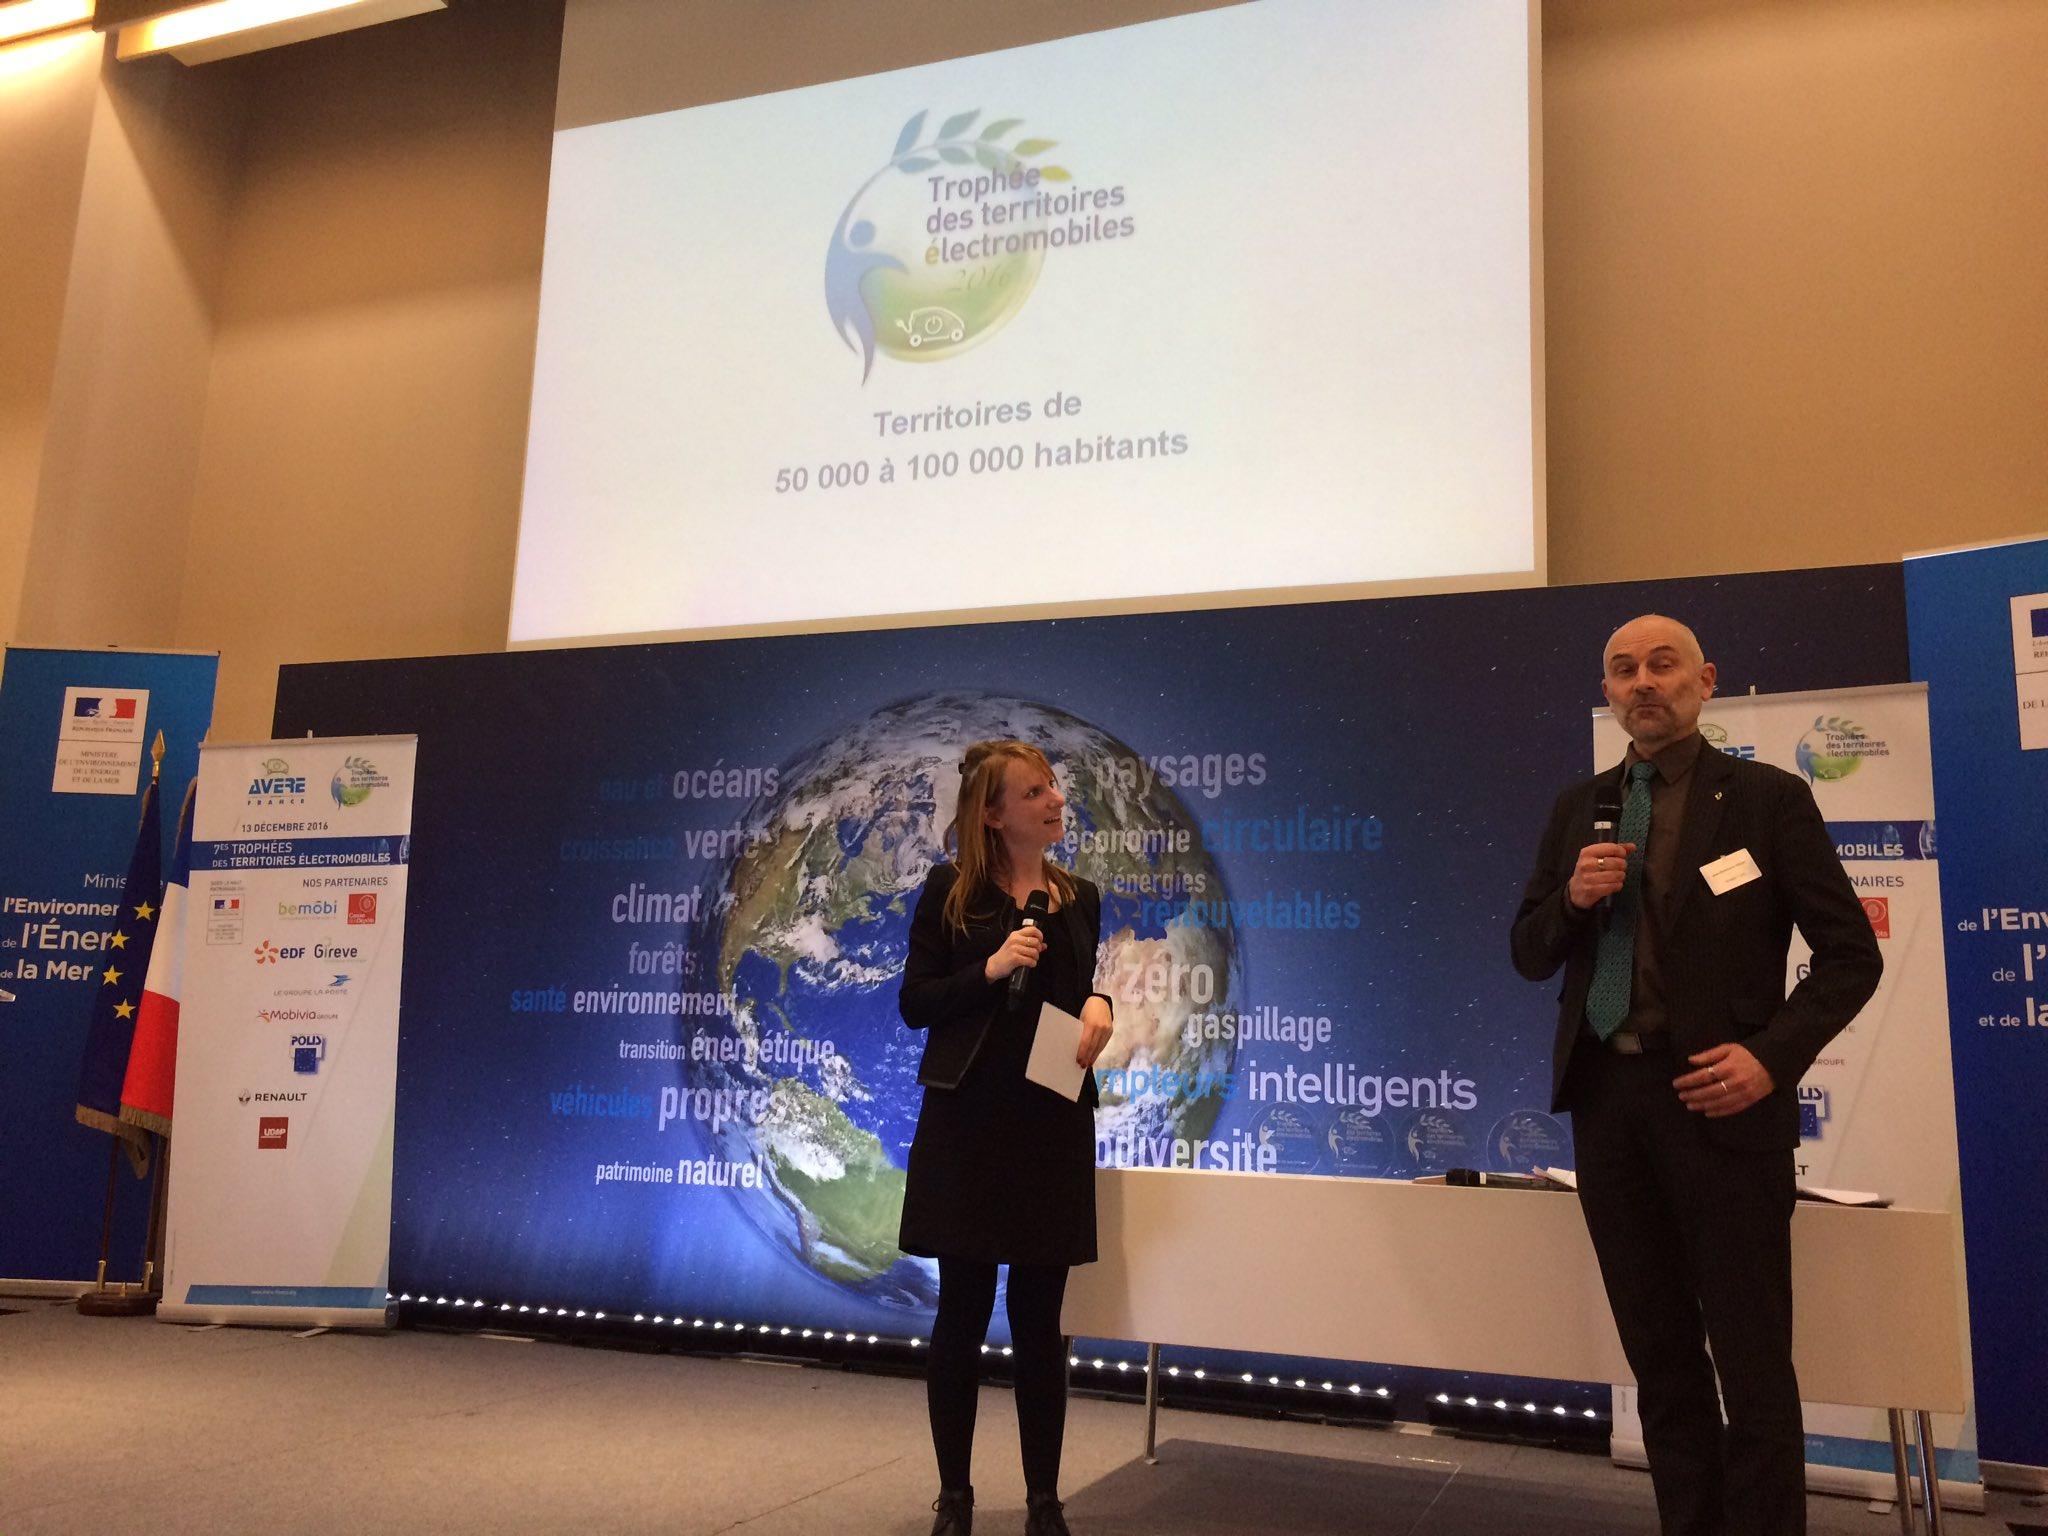 .@renault_fr va remettre notre 3eme des #TrophéesVE à un territoire exemplaire pour la #mobilité #électrique ! https://t.co/I4GxINxYgb